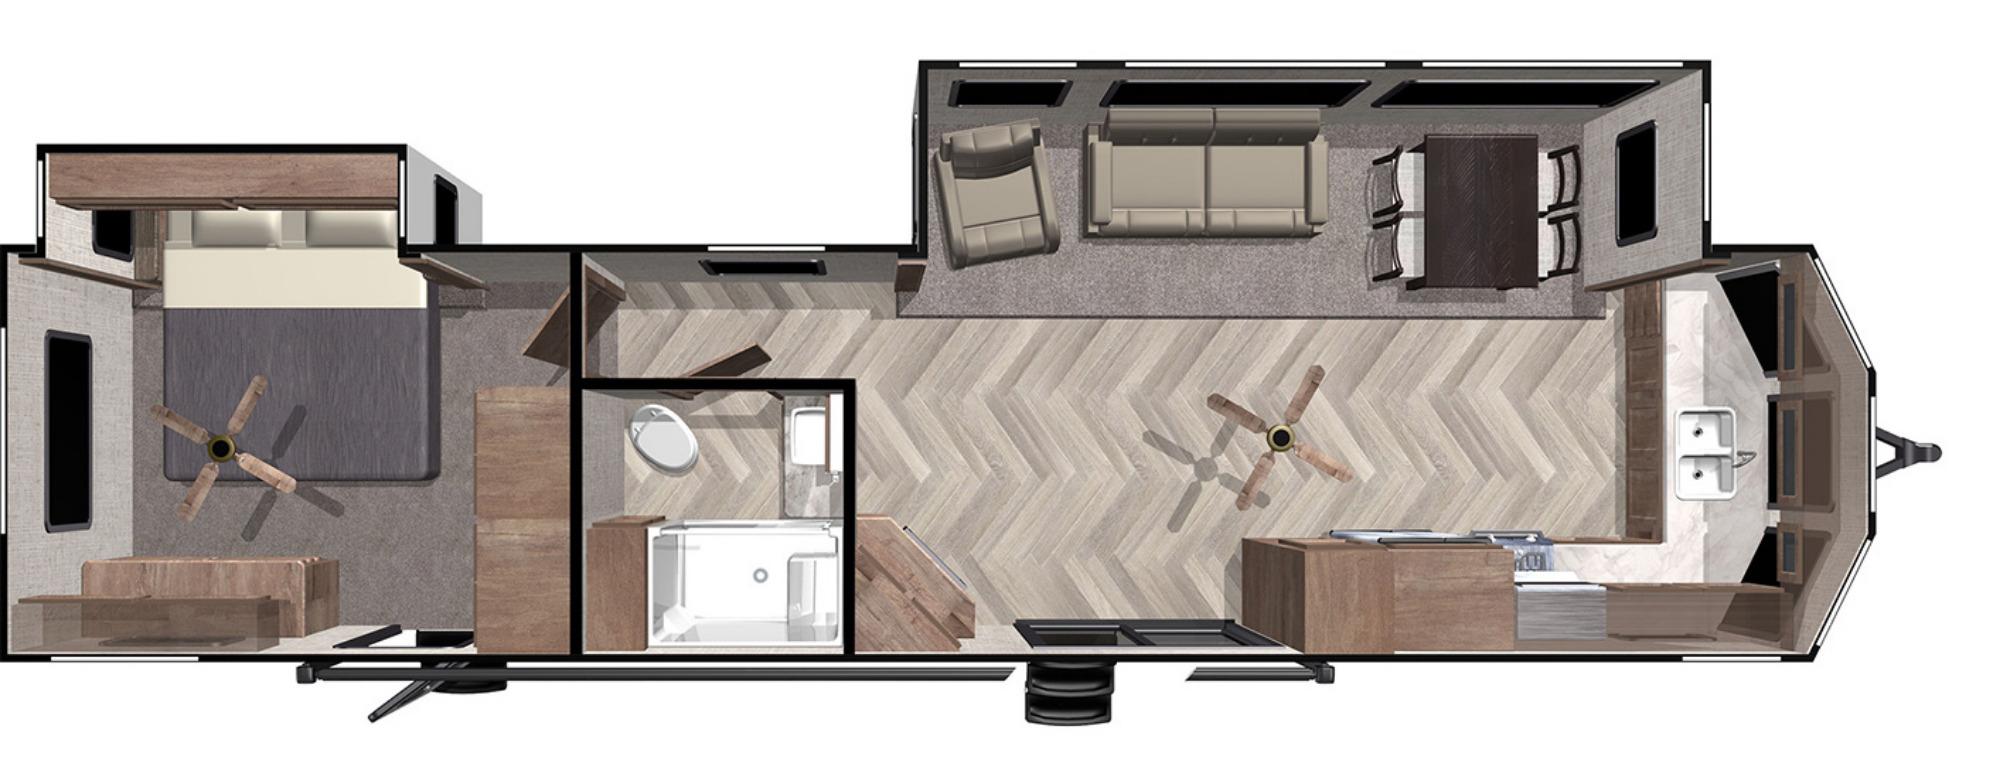 View Floor Plan for 2021 FOREST RIVER SALEM VILLA ESTATE 394FKDS